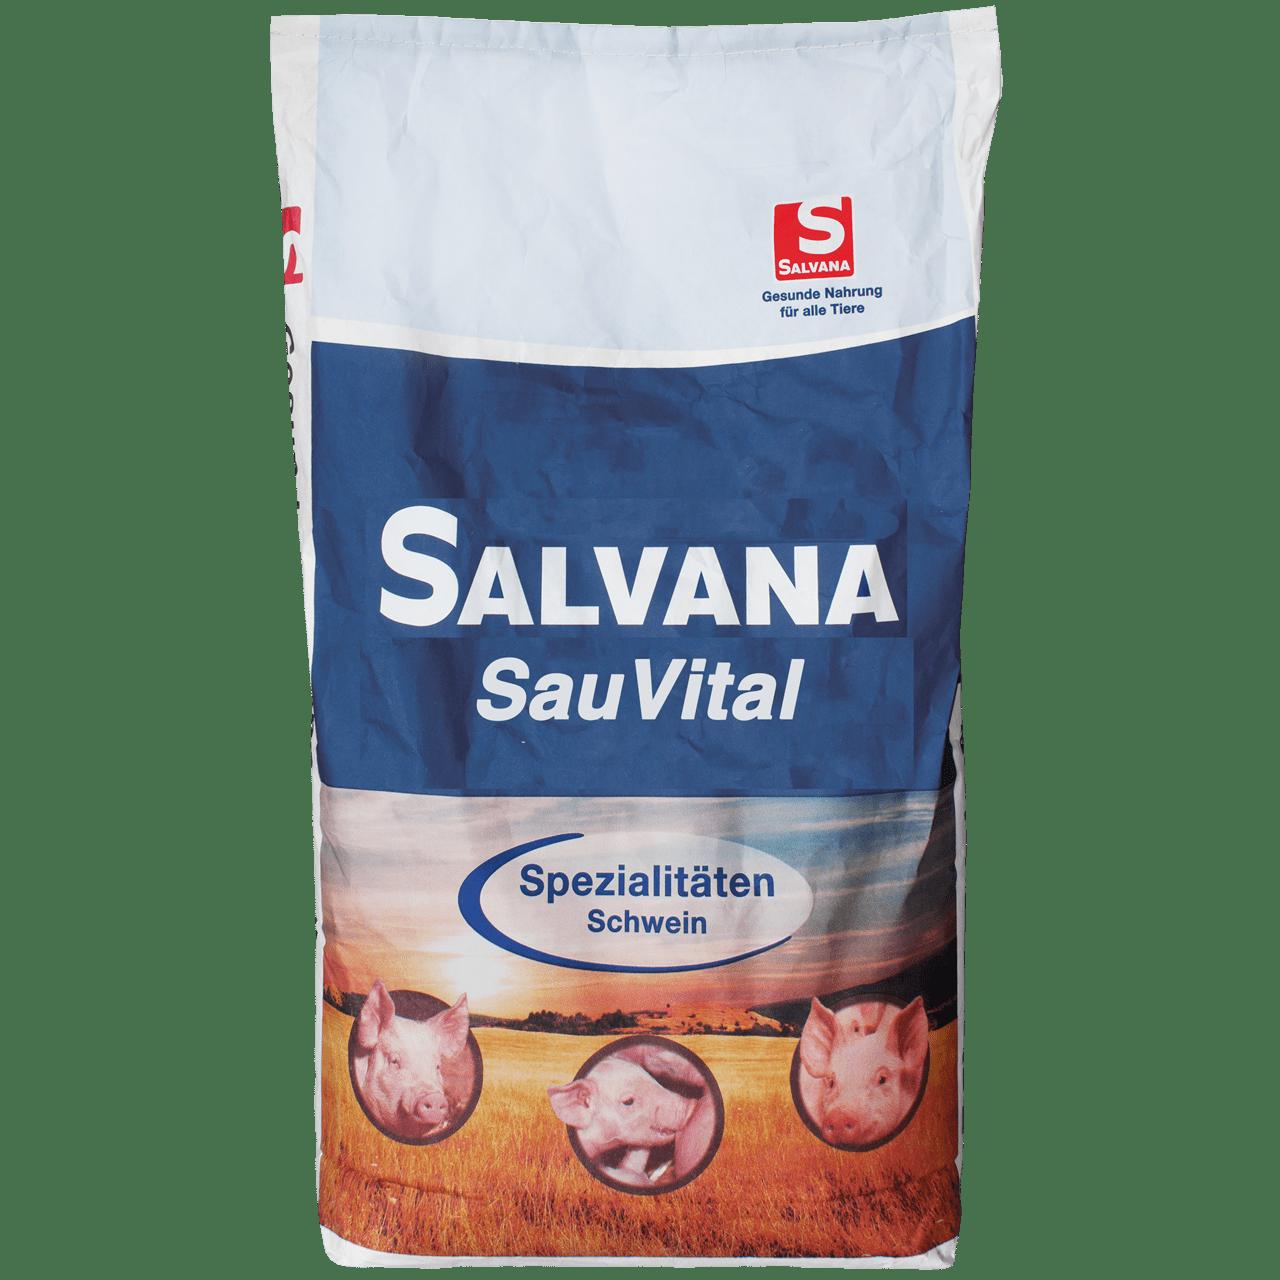 SALVANA SauVital